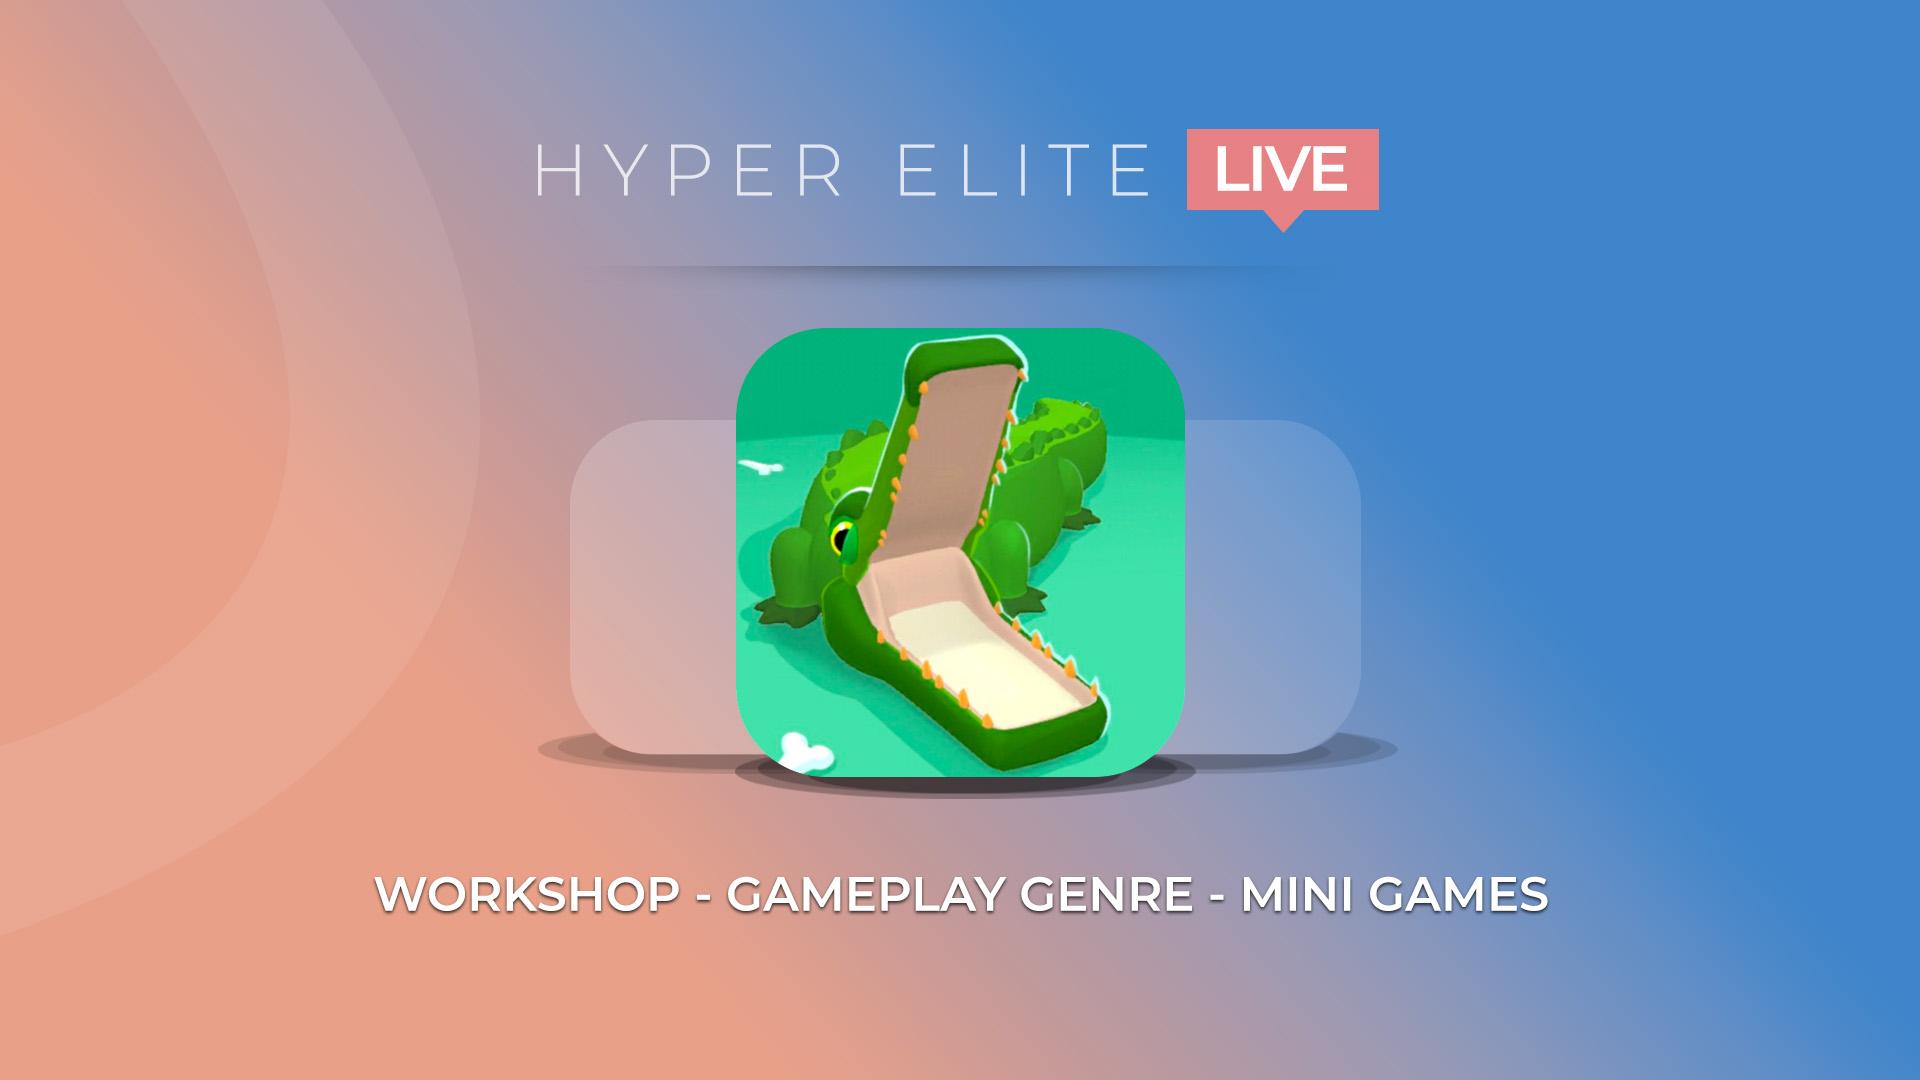 Hyper Elite Live Workshop - Gameplay Genre - Mini Games Games